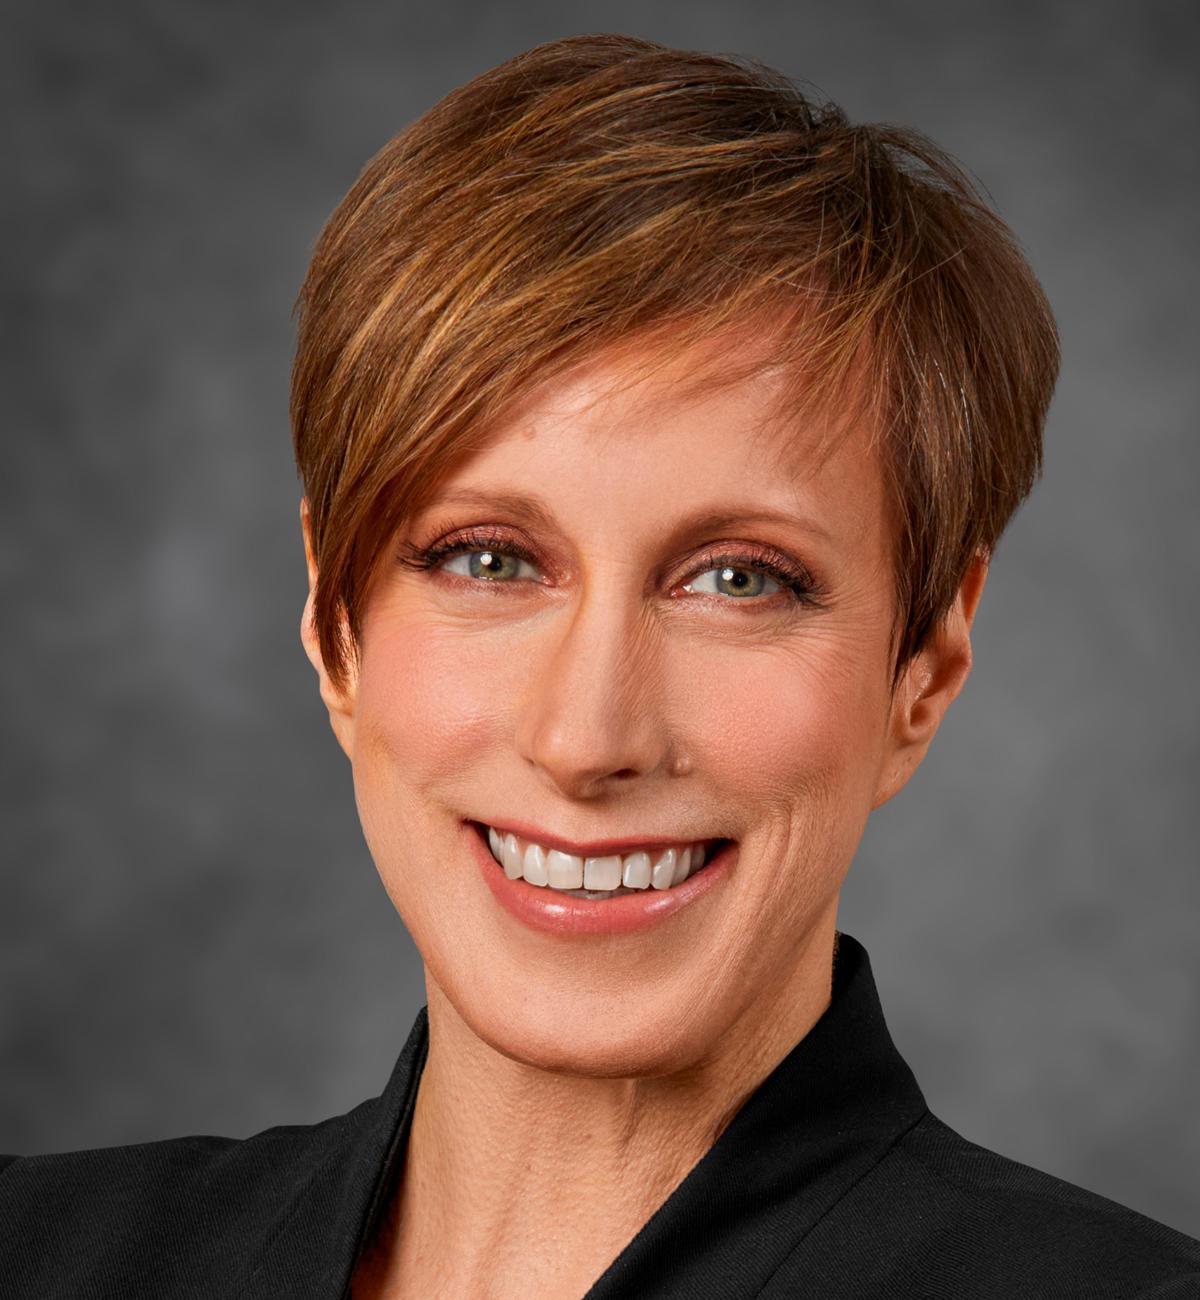 Julie Blakeley